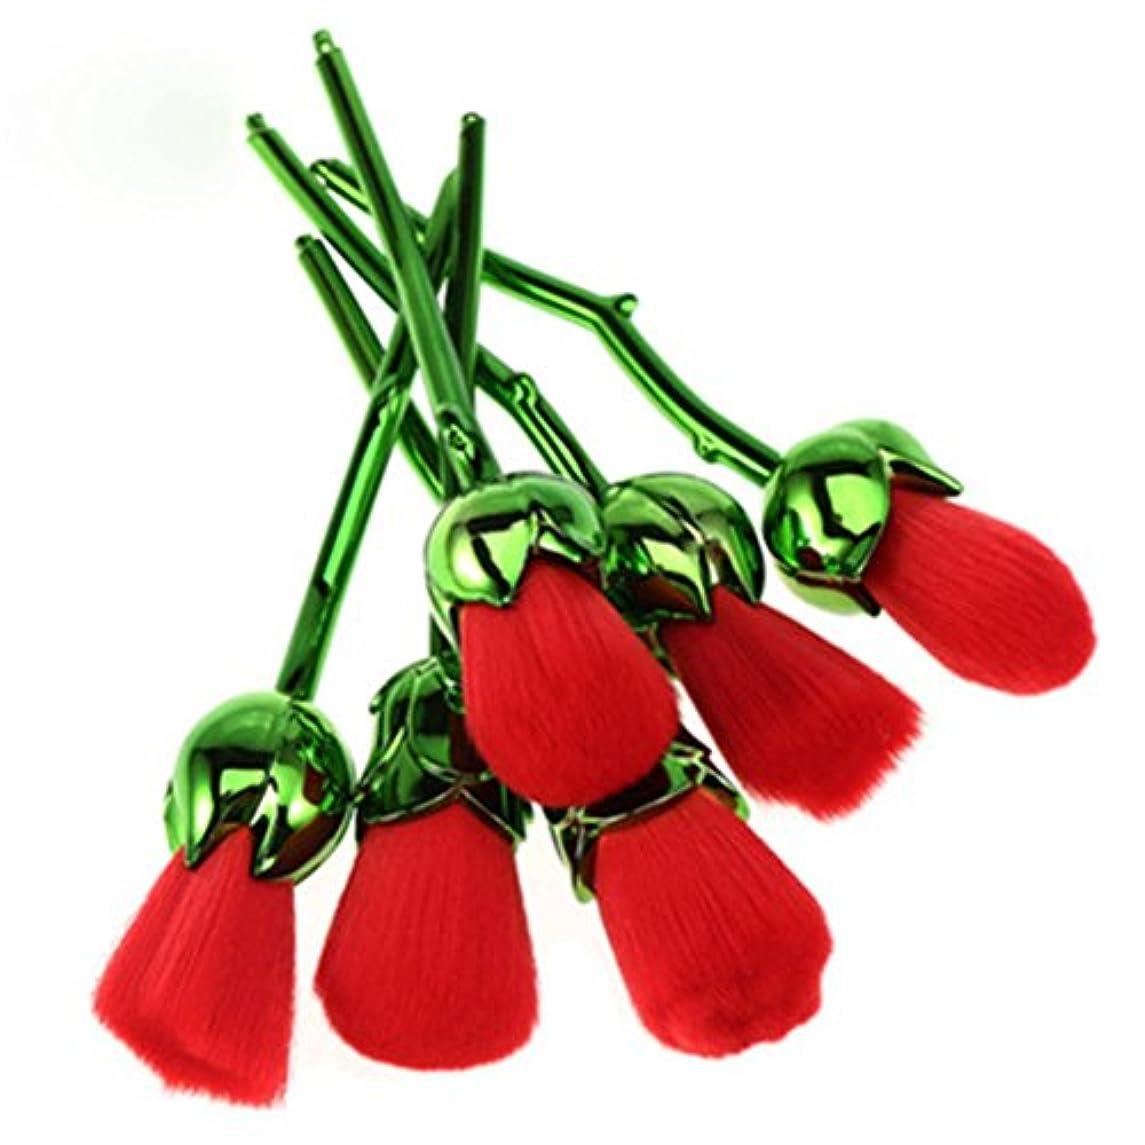 簡単な豚調停者ディラビューティー(Dilla Beauty) メイクブラシ 薔薇 メイクブラシセット 人気 ファンデーションブラシ 化粧筆 可愛い 化粧ブラシ セット パウダーブラシ フェイスブラシ ローズ メイクブラシ 6本セット ケース付き (グリーン - レッド)